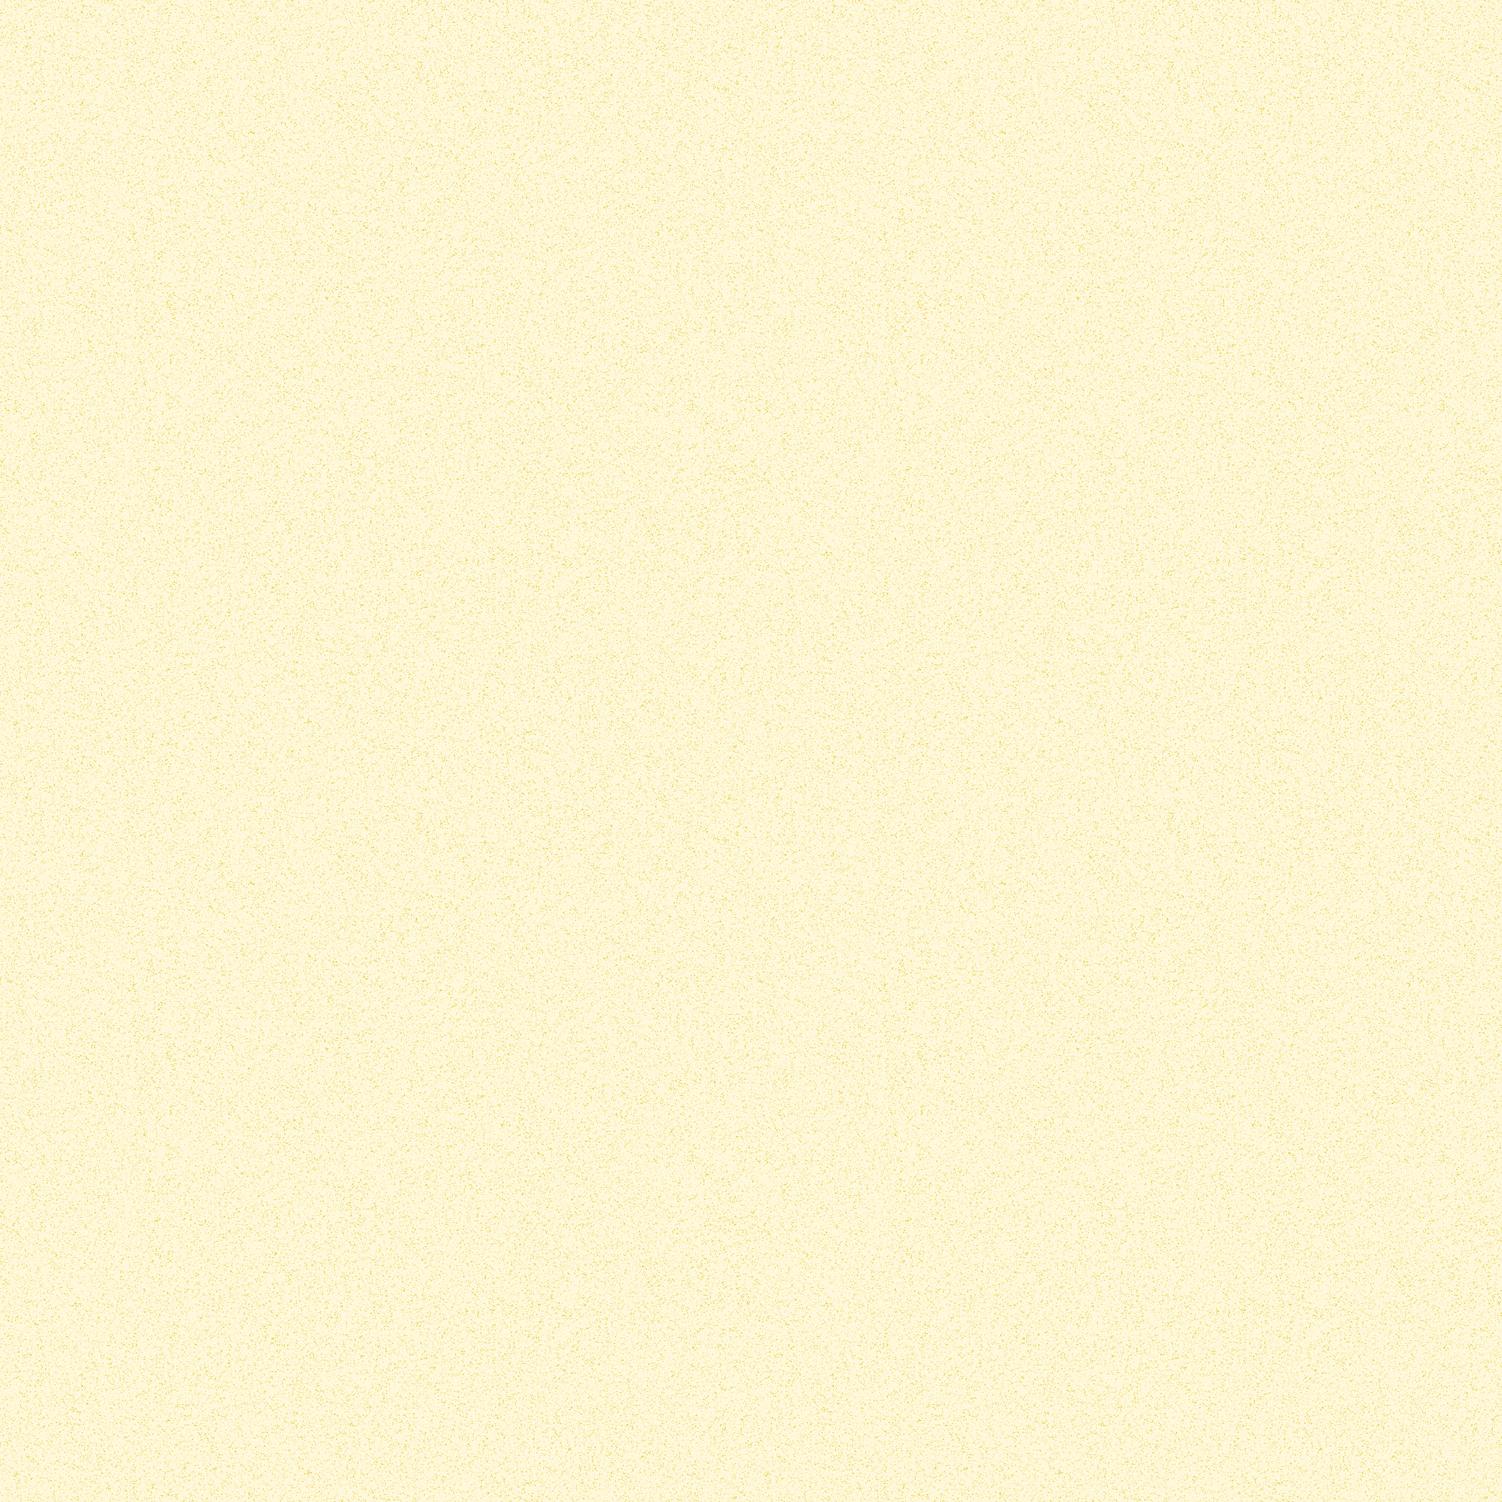 Dětské tapety Disney Deco 3010-4 | 10,05 x 0,53 m (Jednobarevná tapeta - papírová)